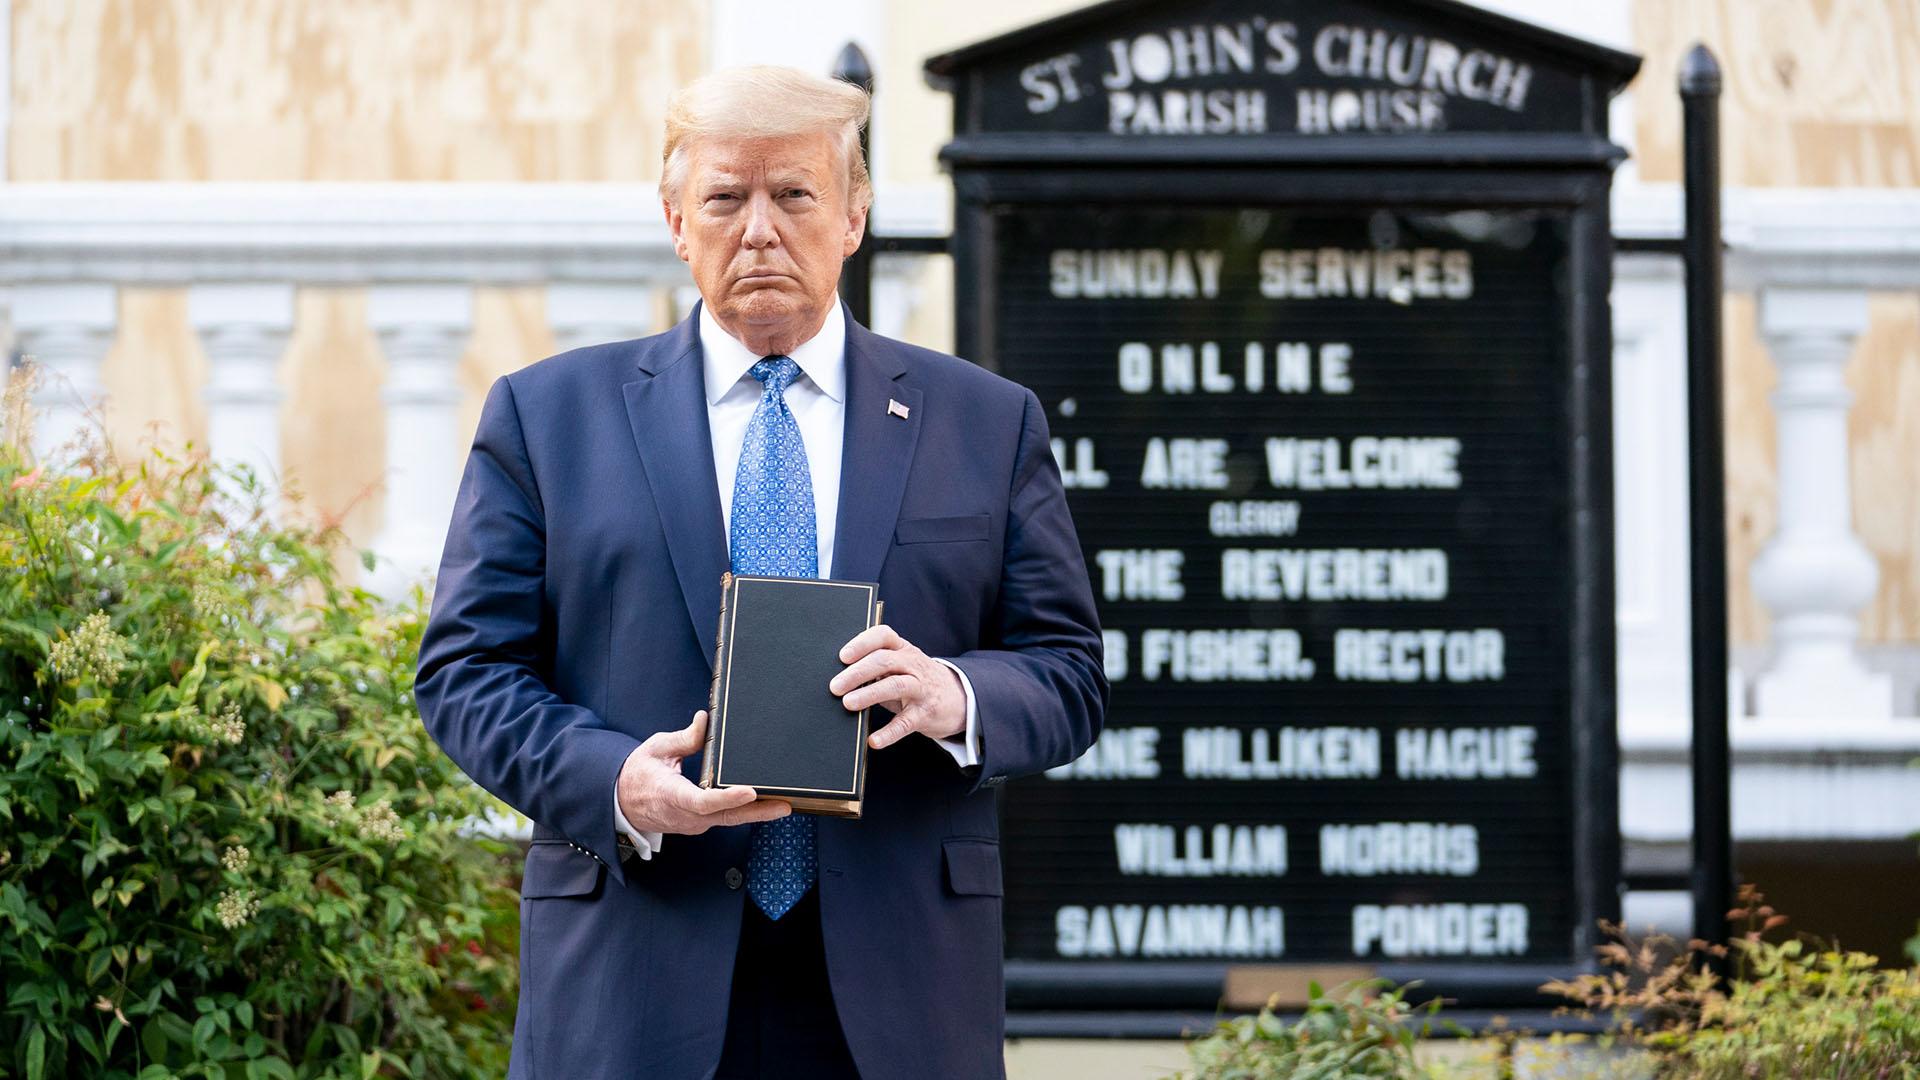 Kolumne von zenith-Chefredakteur Daniel Gerlach: Entrückung, Islam, Judentum und Trump